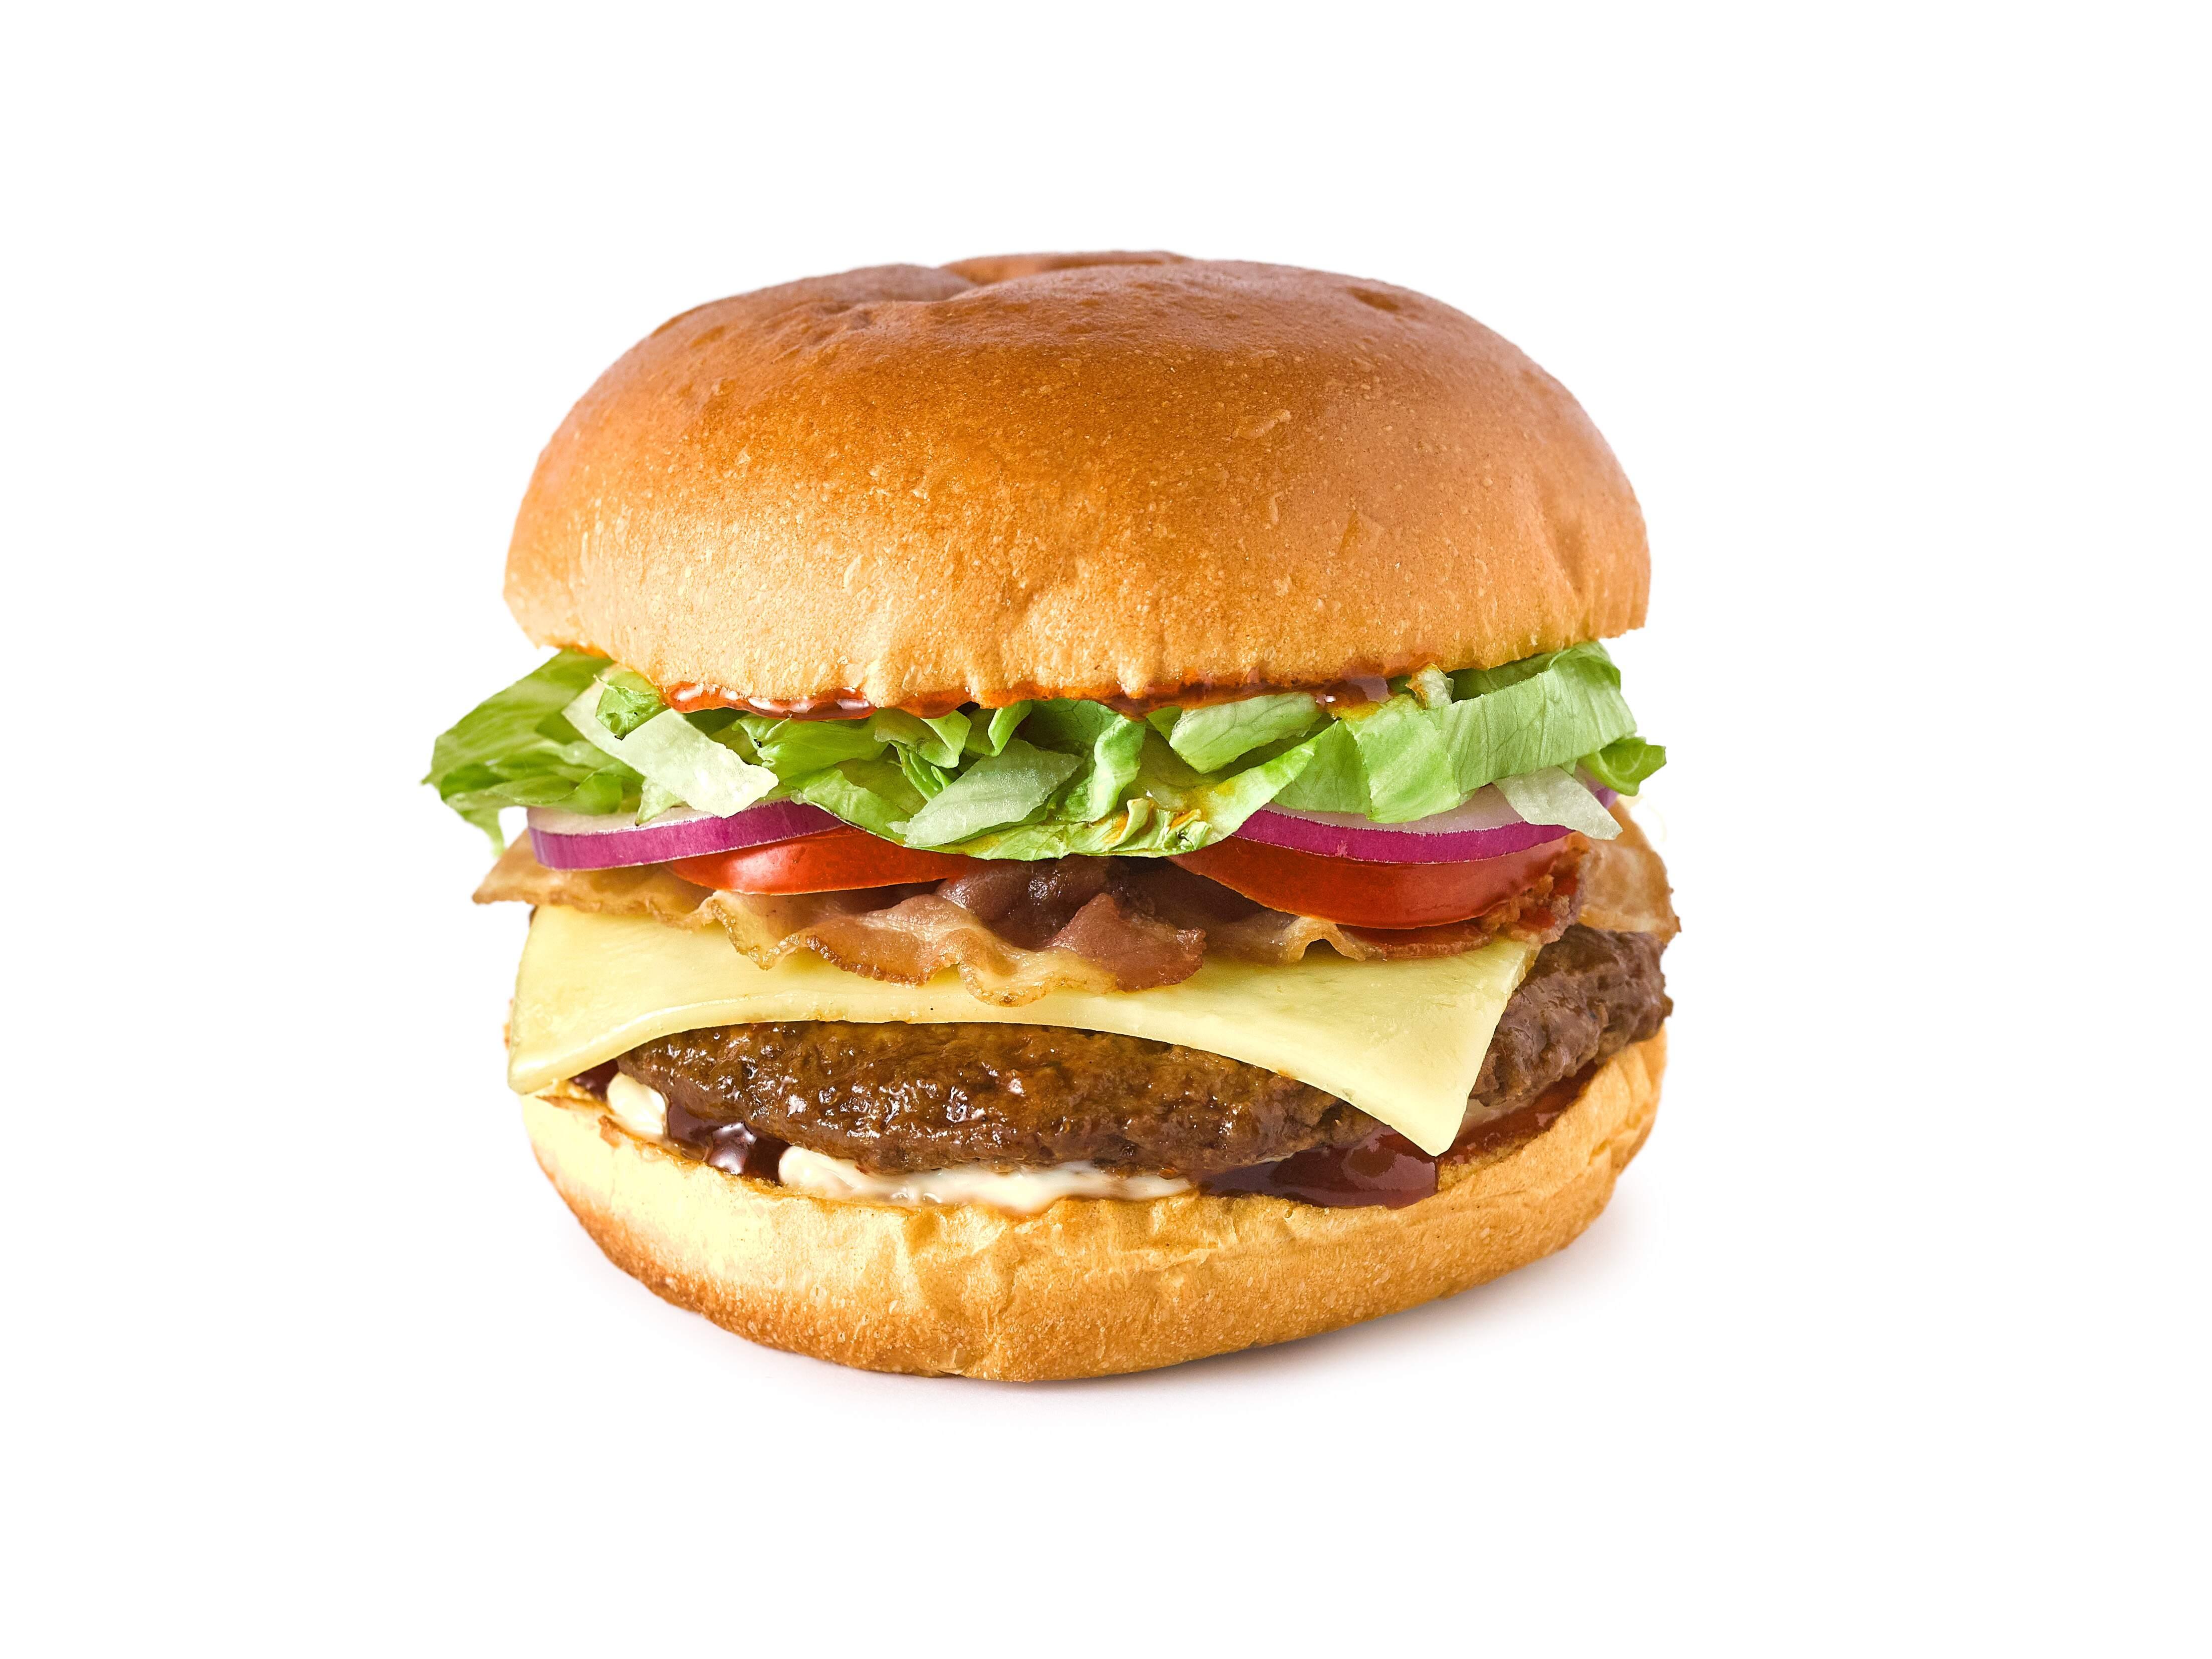 Tims® Signature Burger